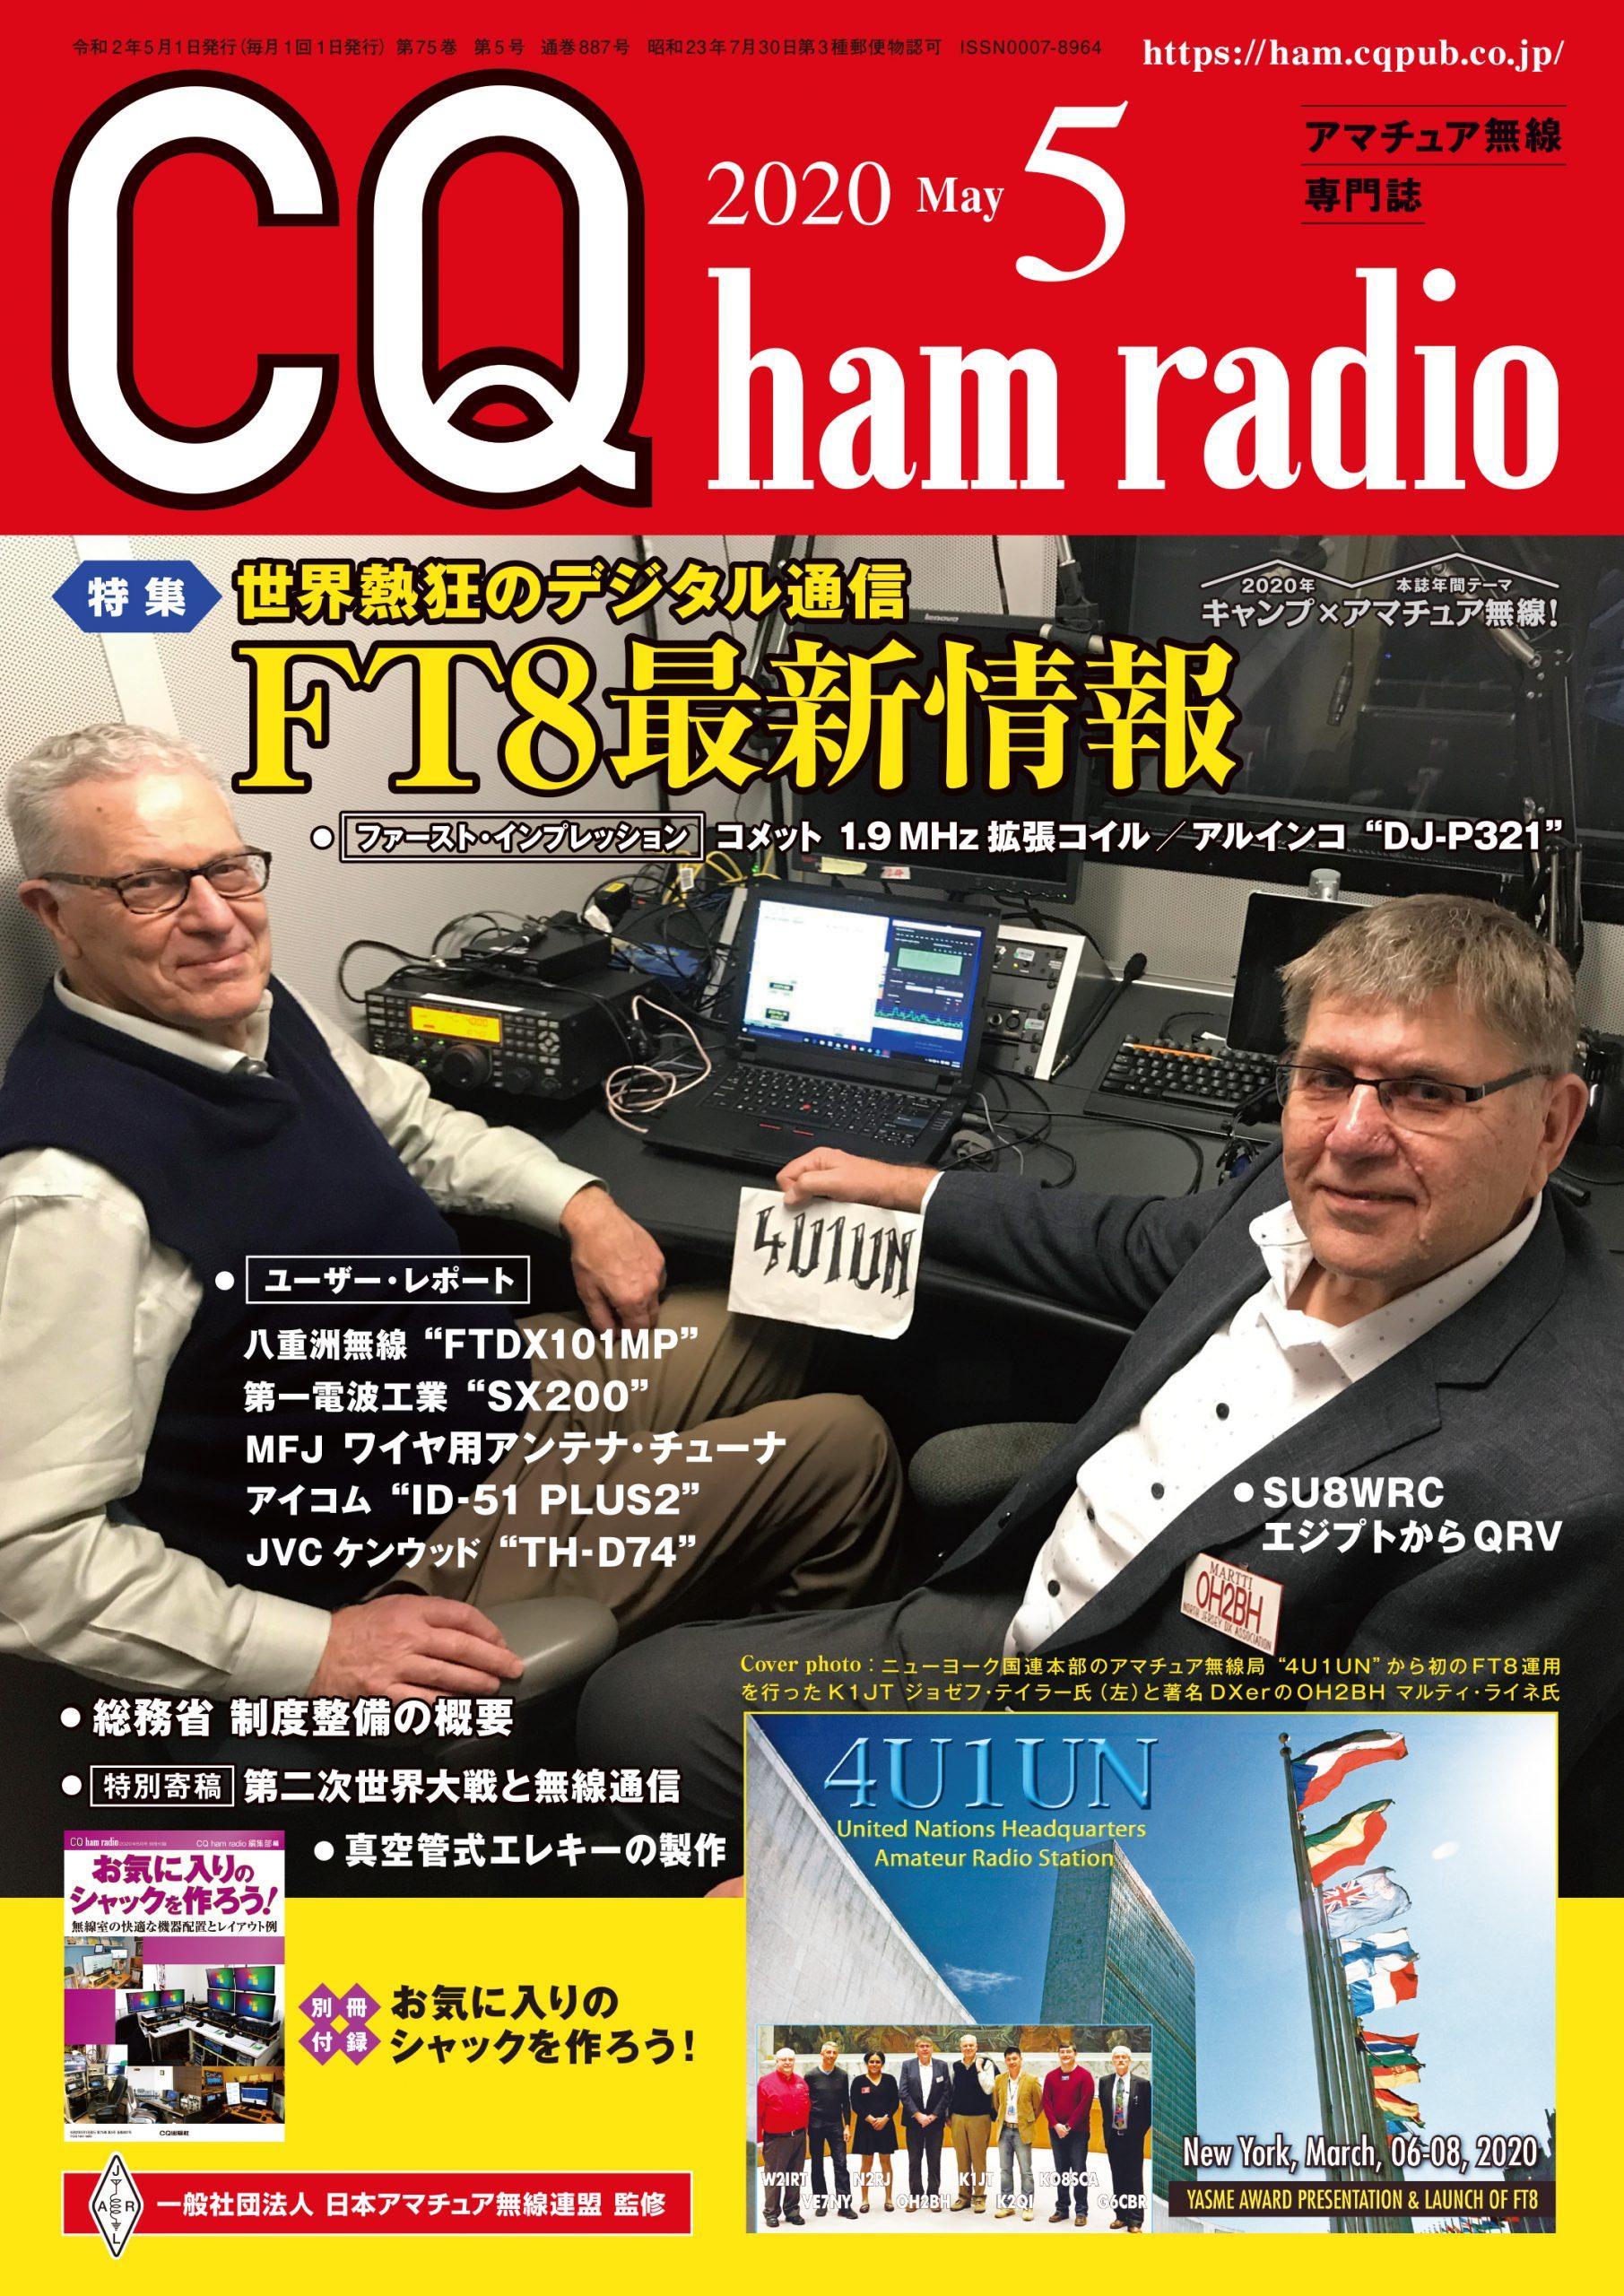 CQ ham radio 2020年5月号